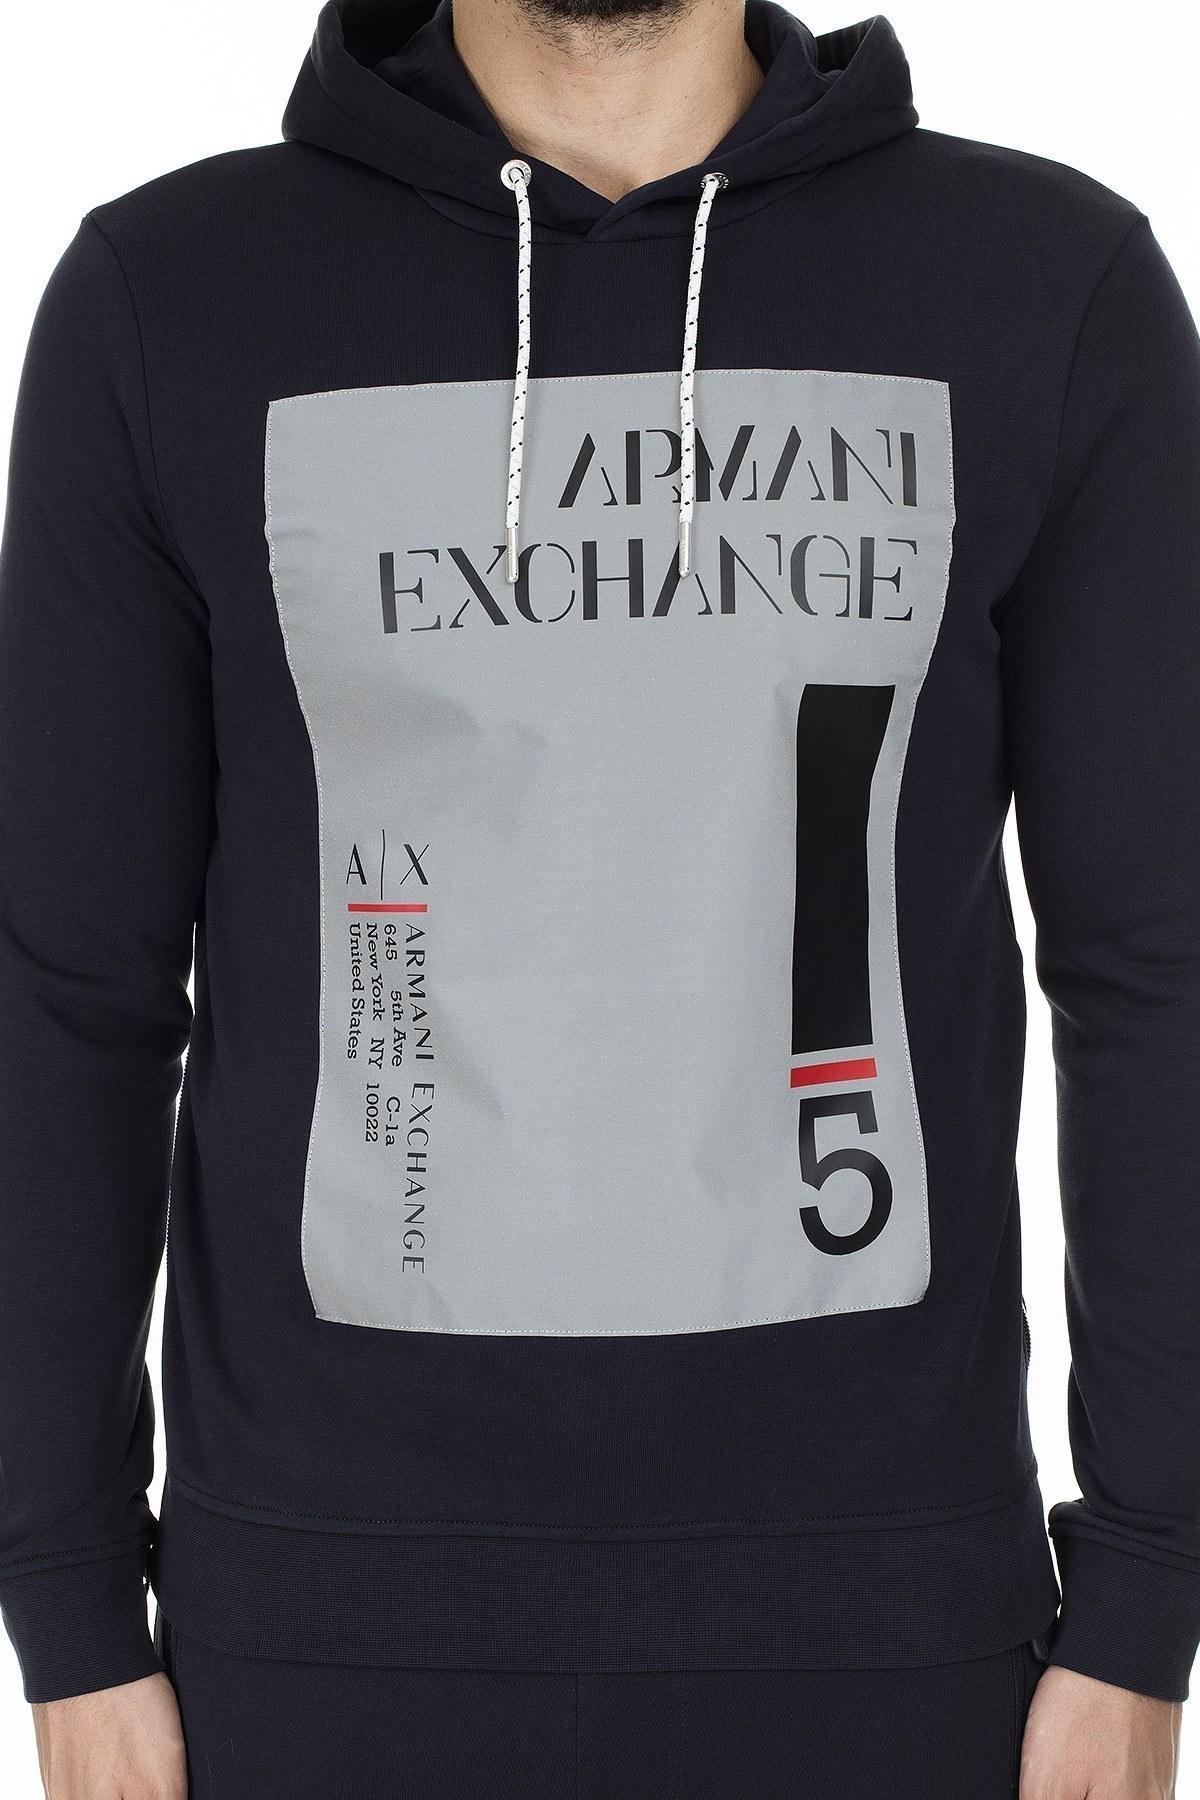 Armani Exchange Fermuar Detaylı Reflektör Baskılı Kapüşonlu Erkek Sweat 3HZMLB ZJ6FZ 1583 LACİVERT